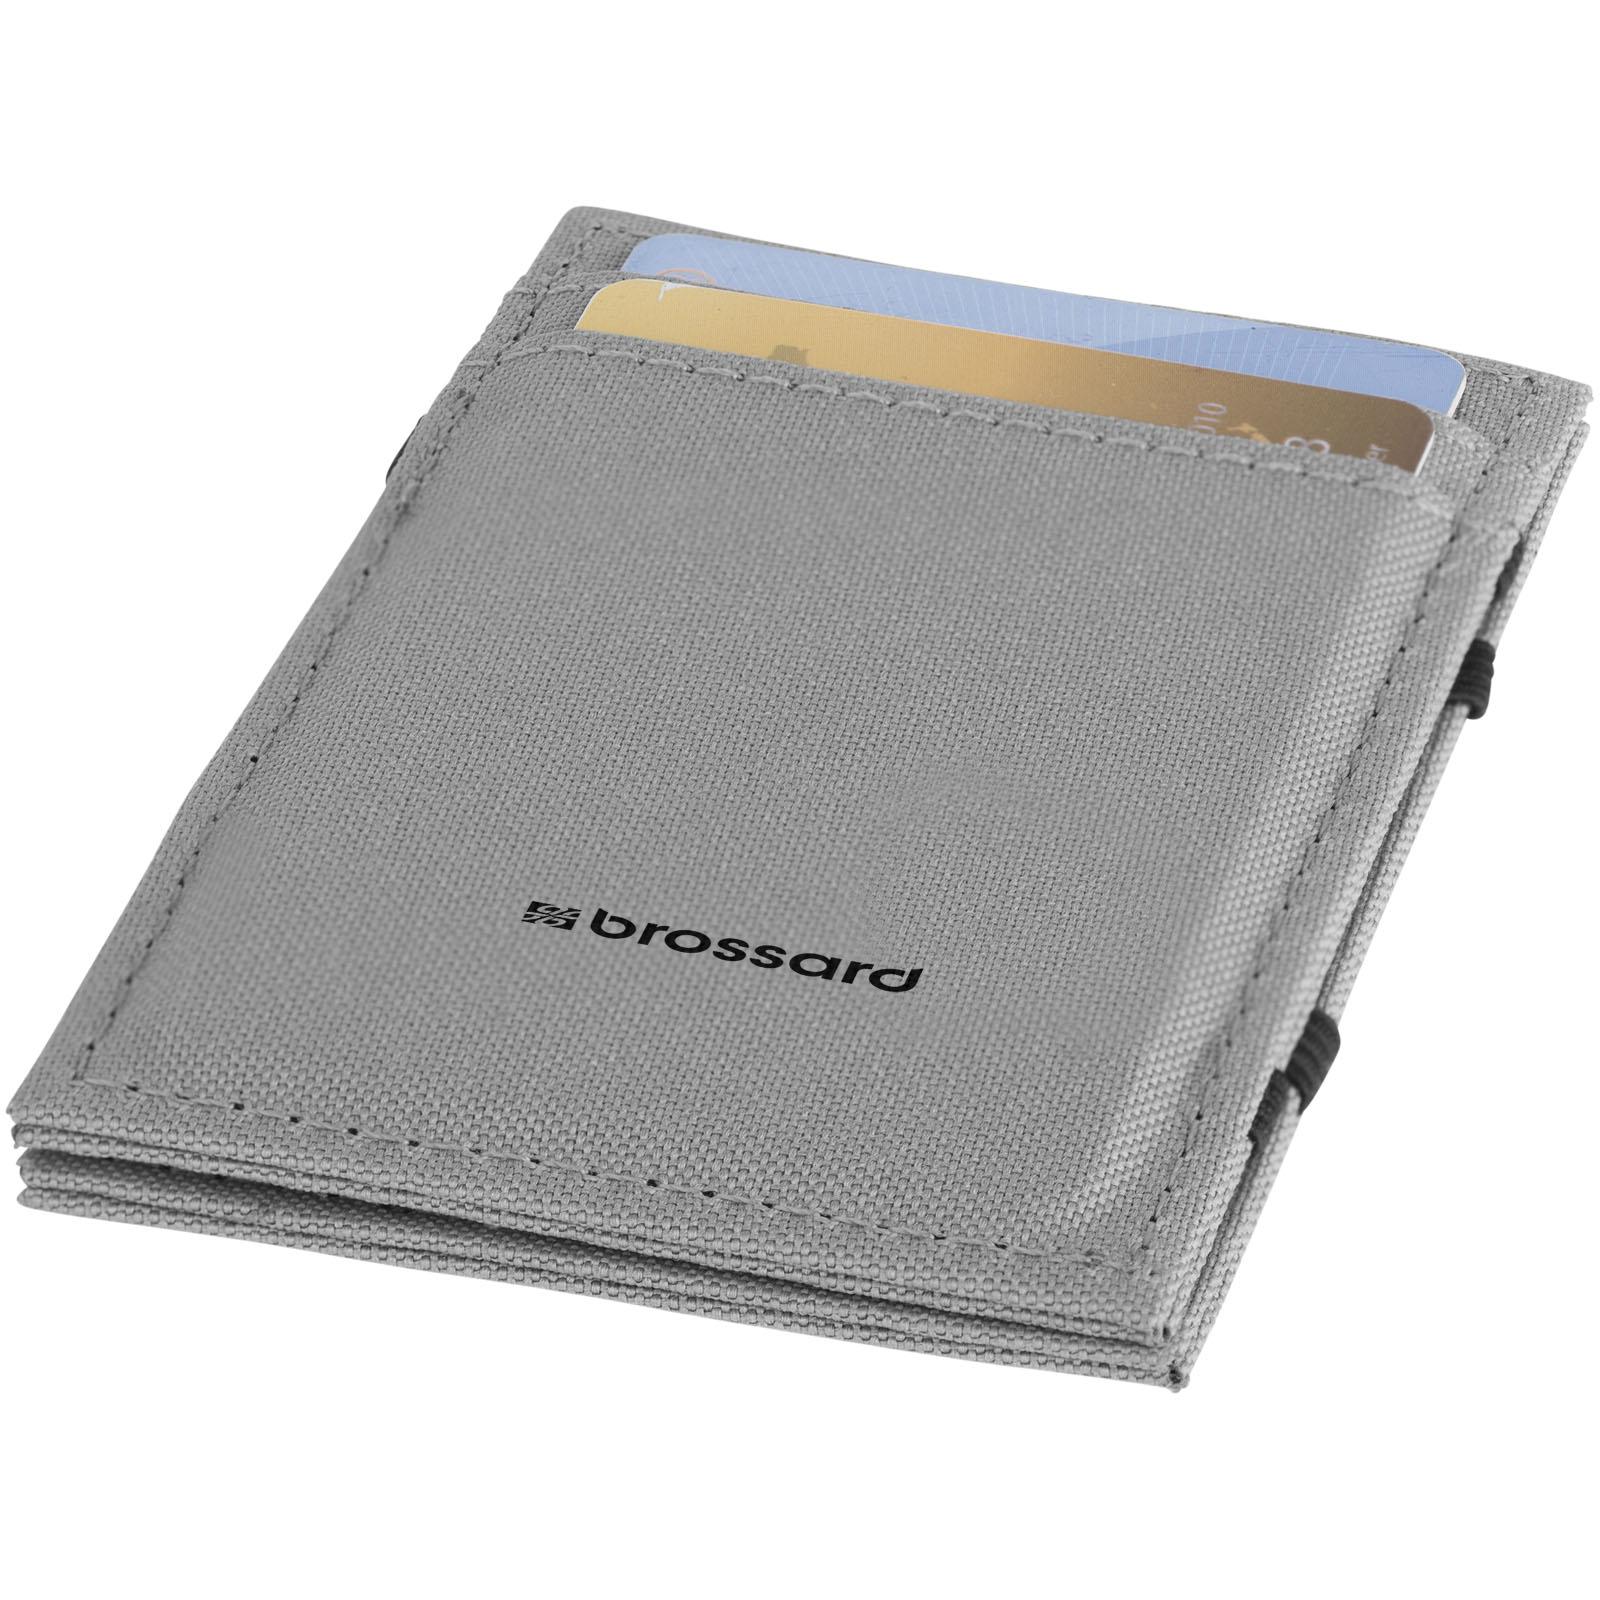 a3deed264e8 Adventurer RFID overslag portemonnee bedrukken? - Voordelig & snel ...